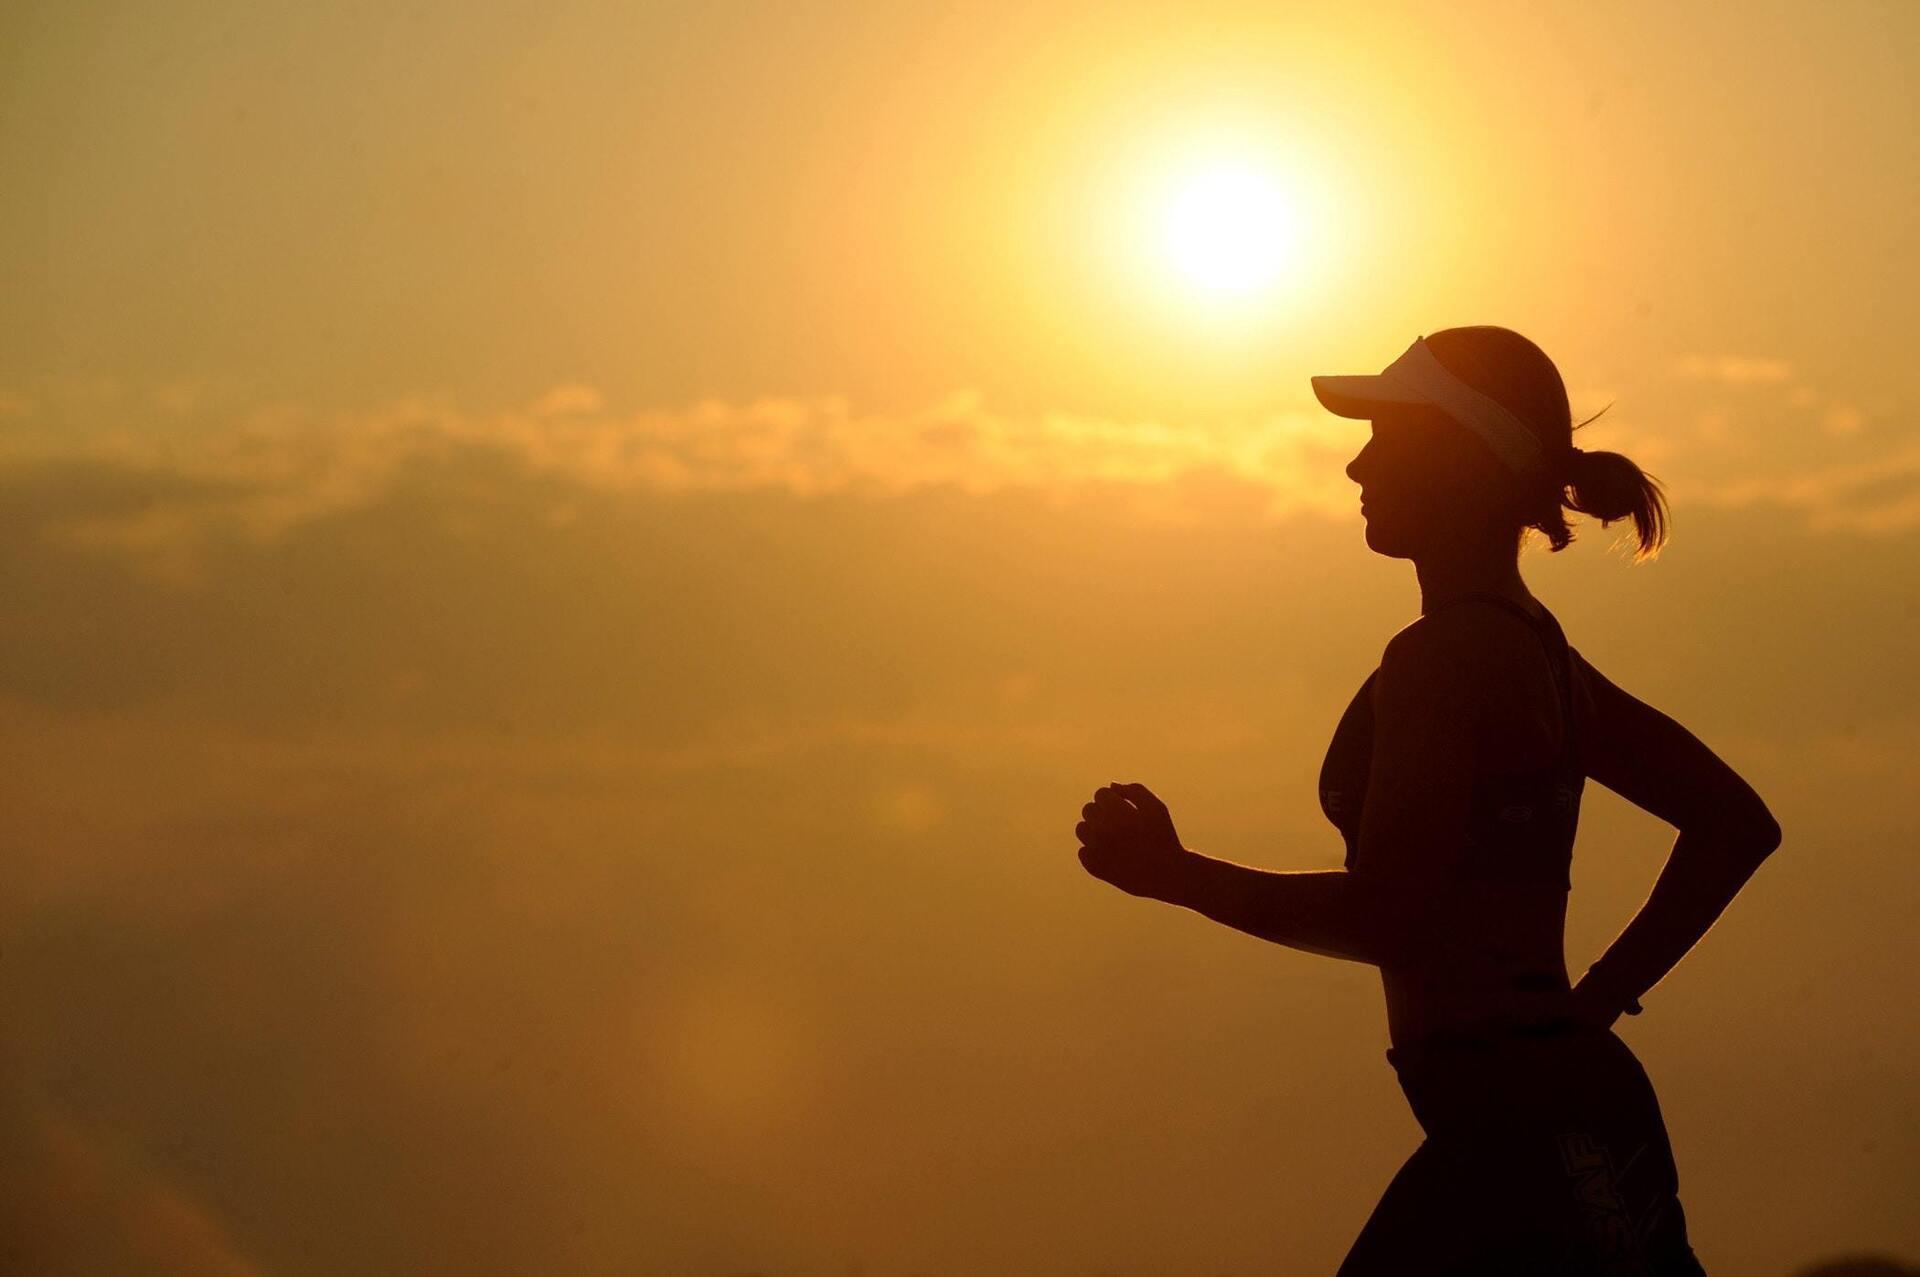 mulher correndo ao ar livre em um dia ensolarado